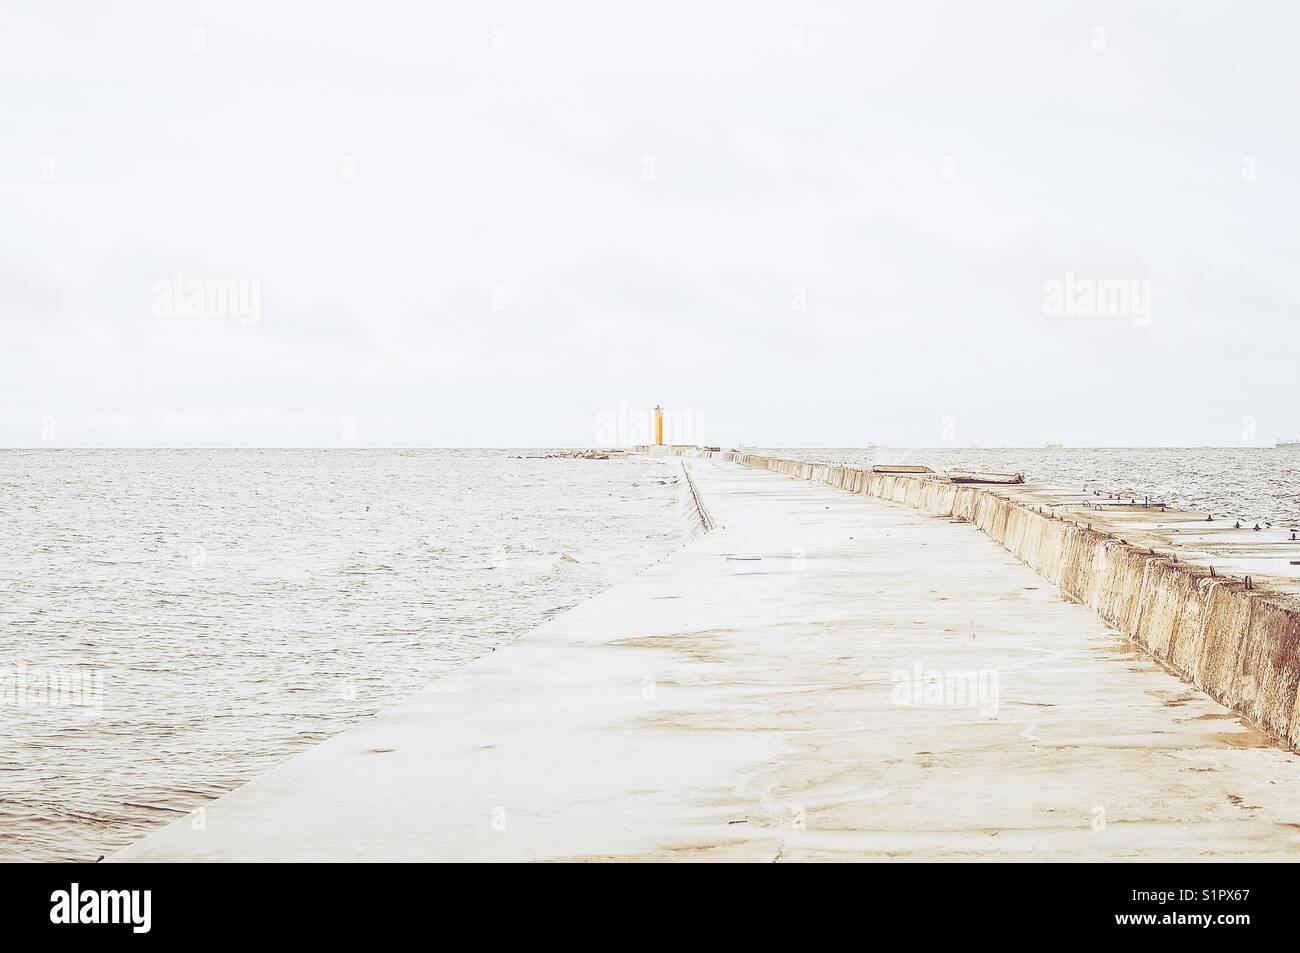 Un faro lejos en el mar. Imagen De Stock